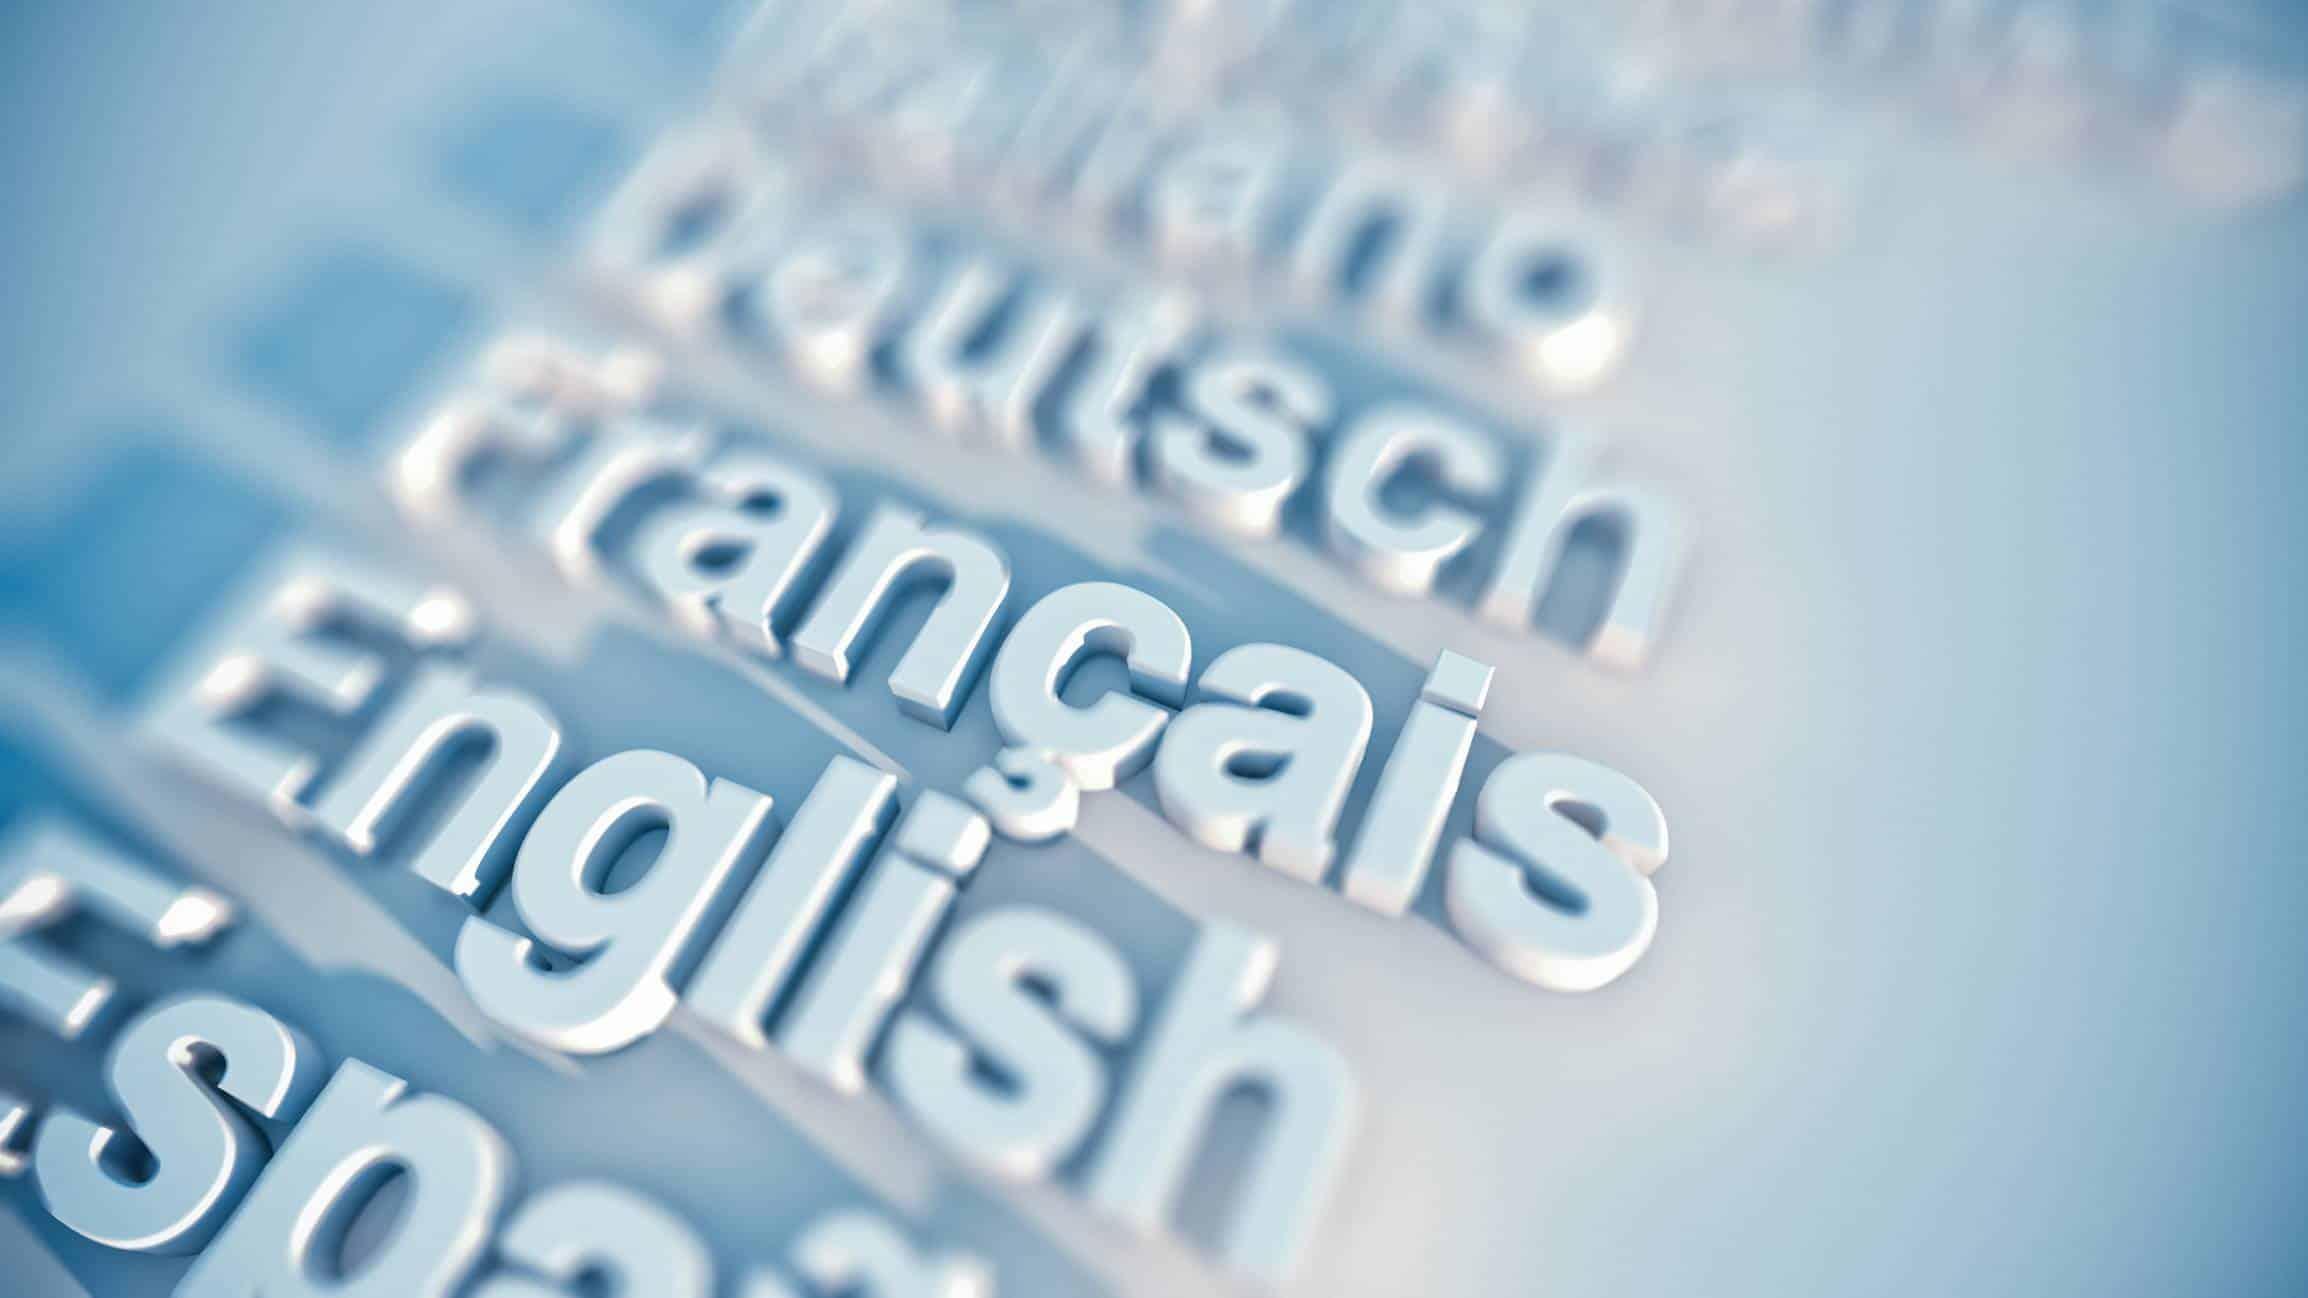 contenu dans plusieurs langues